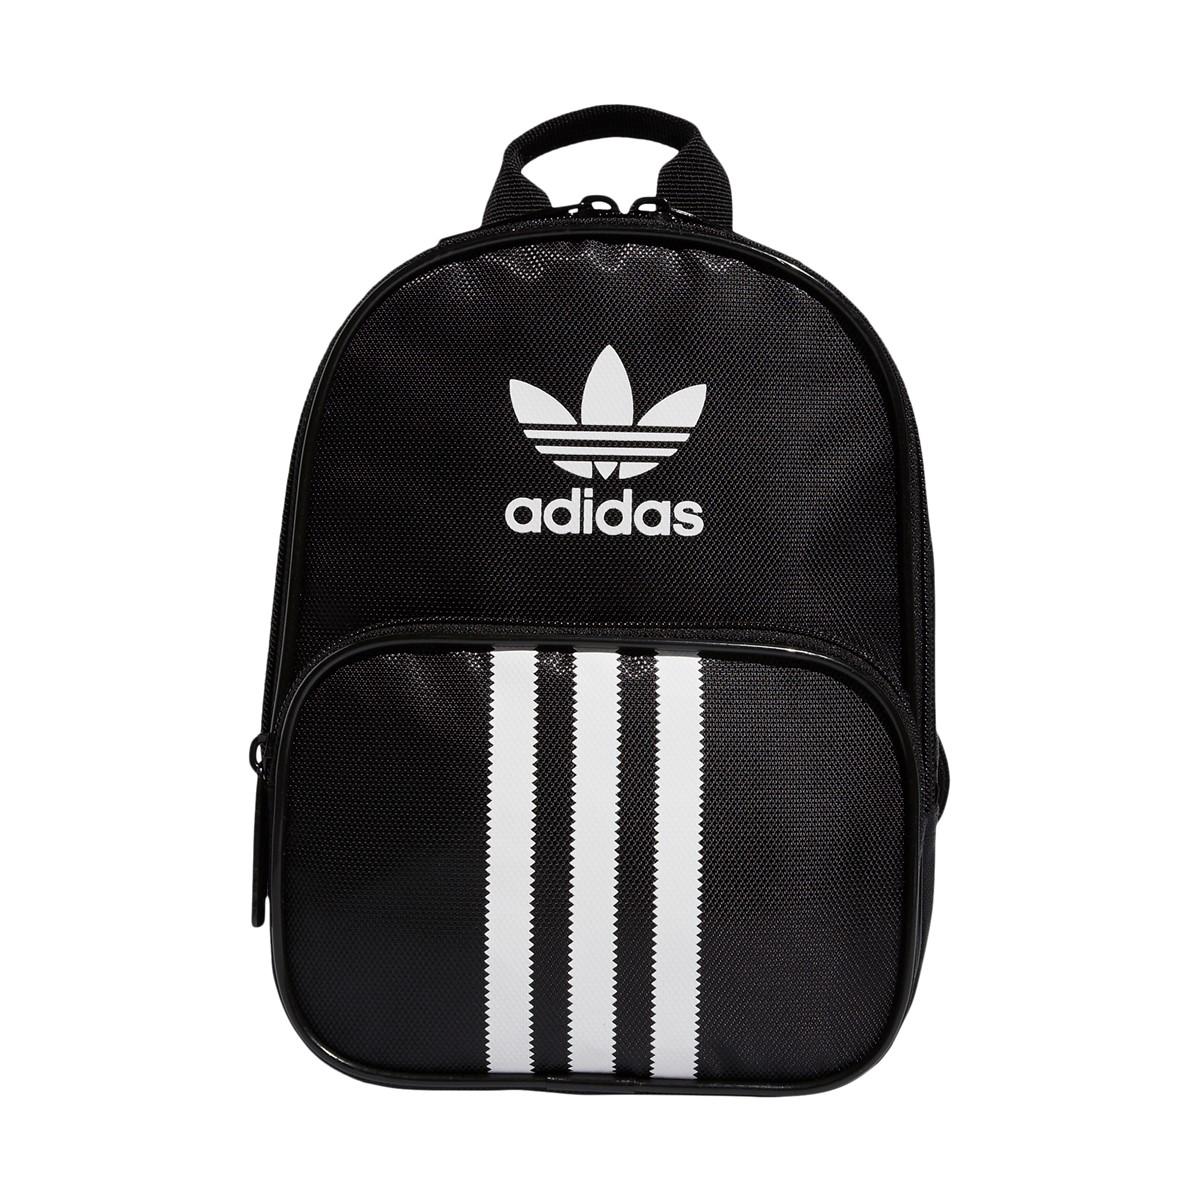 Originals Santiago Mini Backpack in Black/White